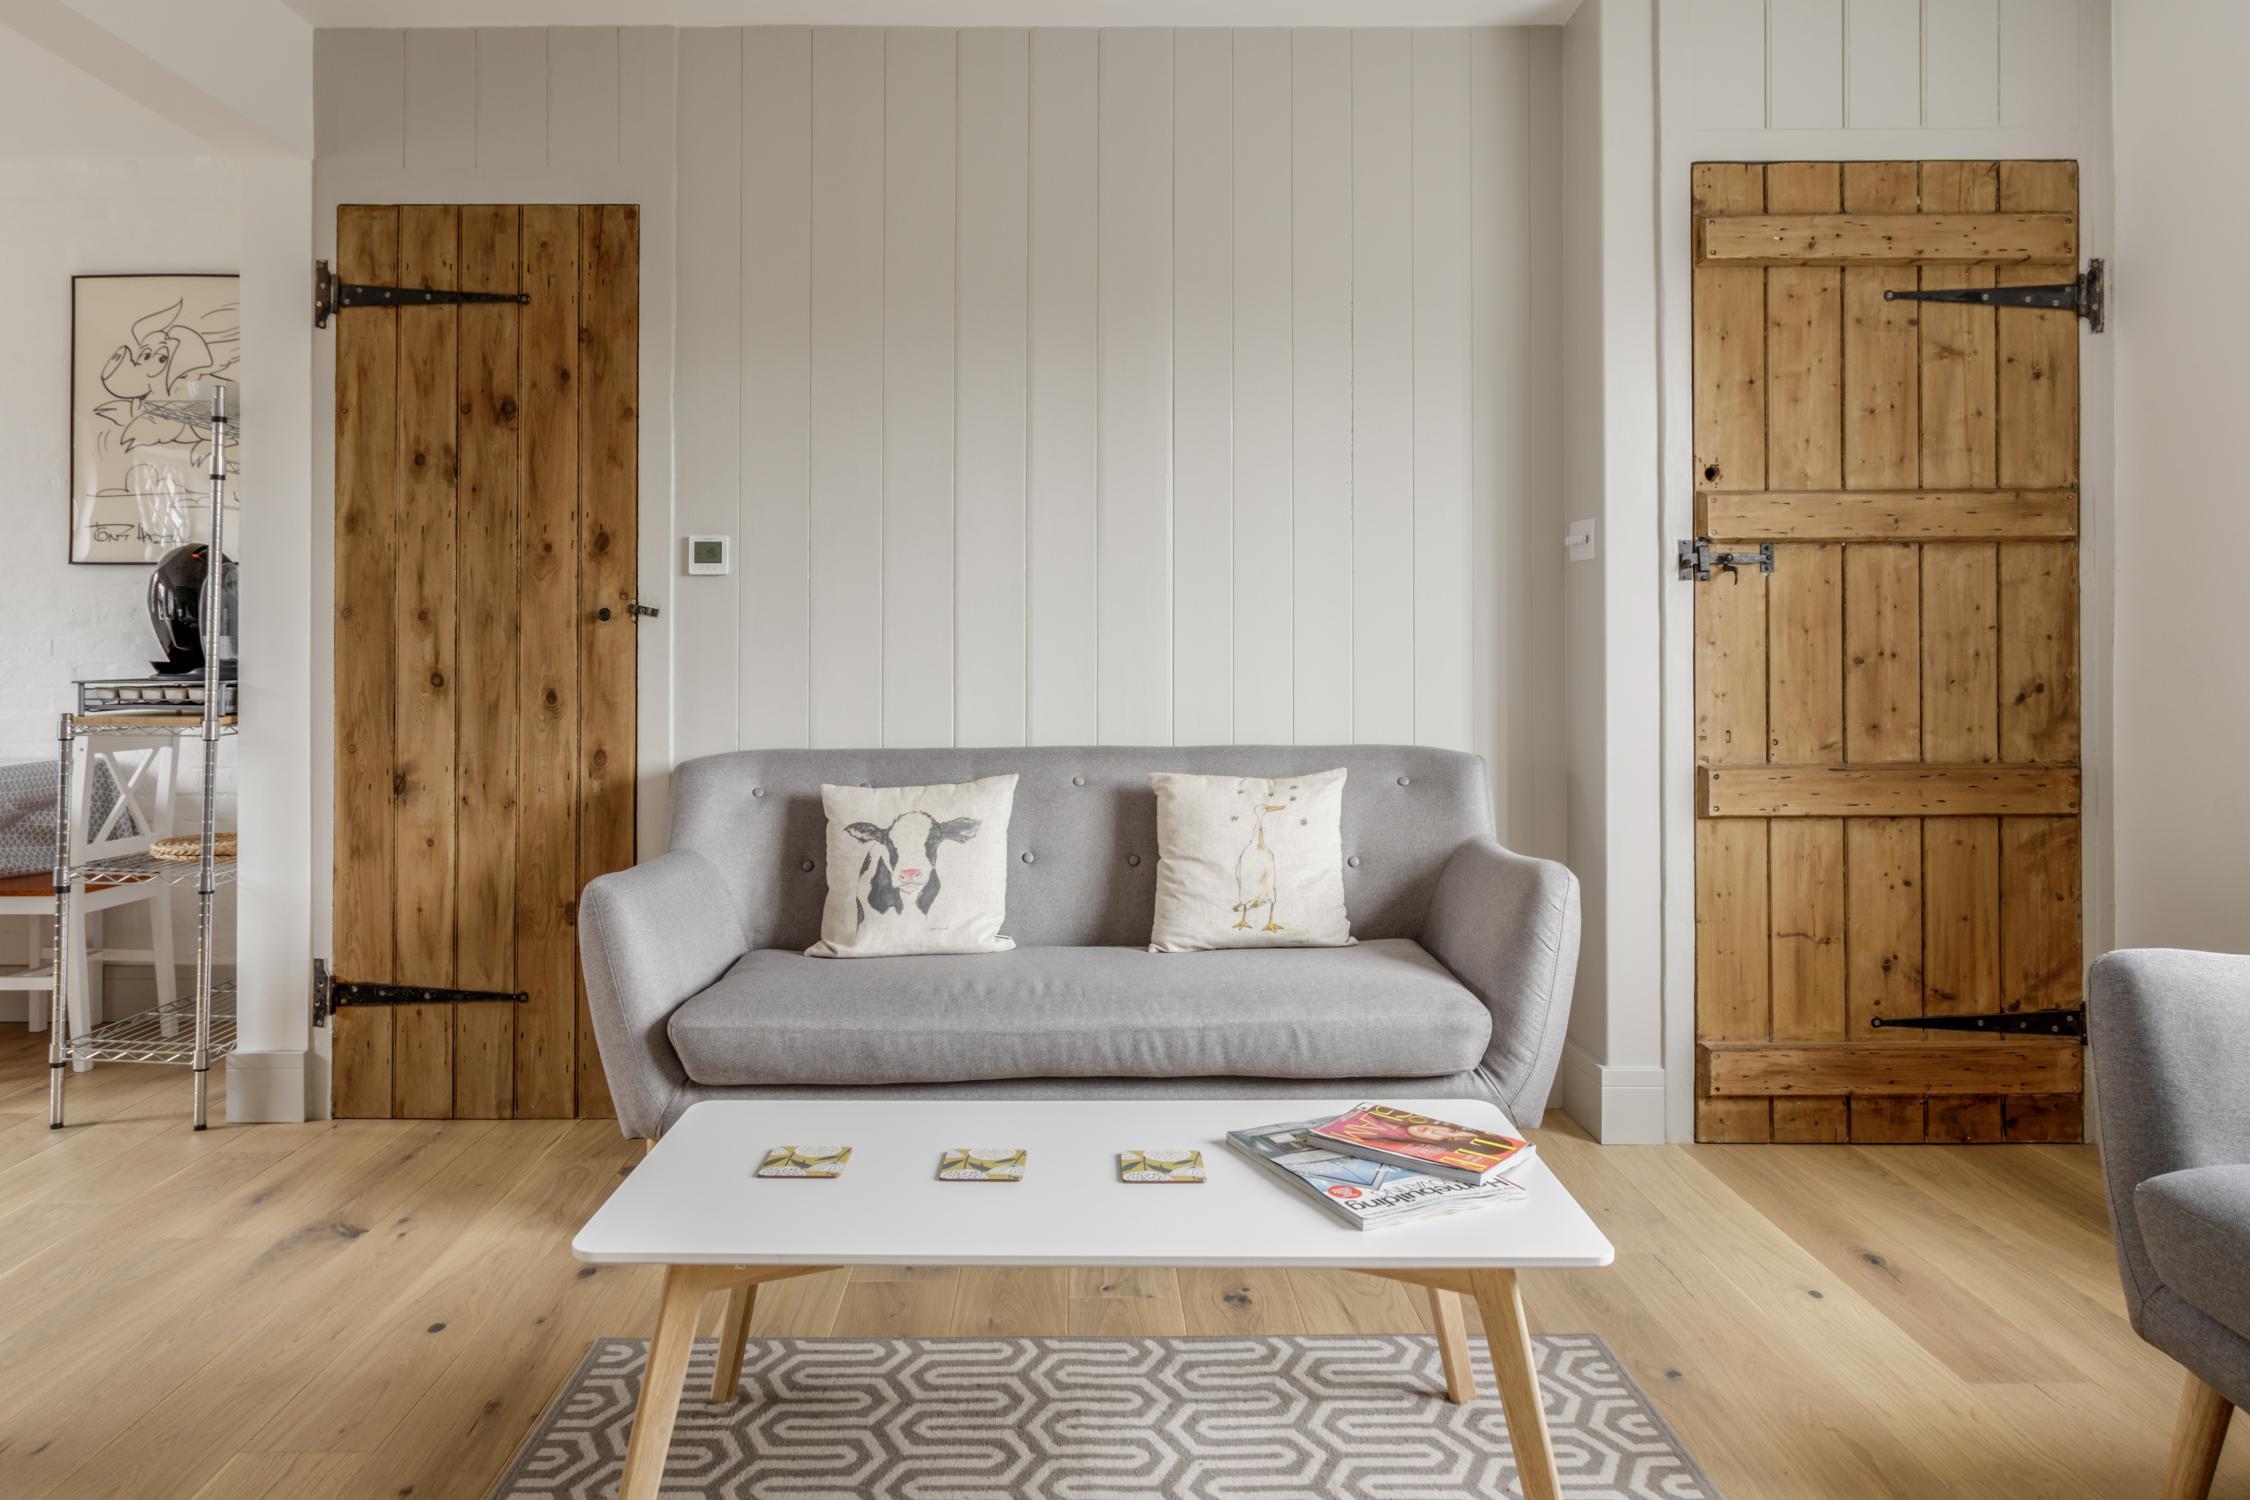 Worthing Builders-ExtraOrdinaryRooms-Arundel renovation lounge.jpg